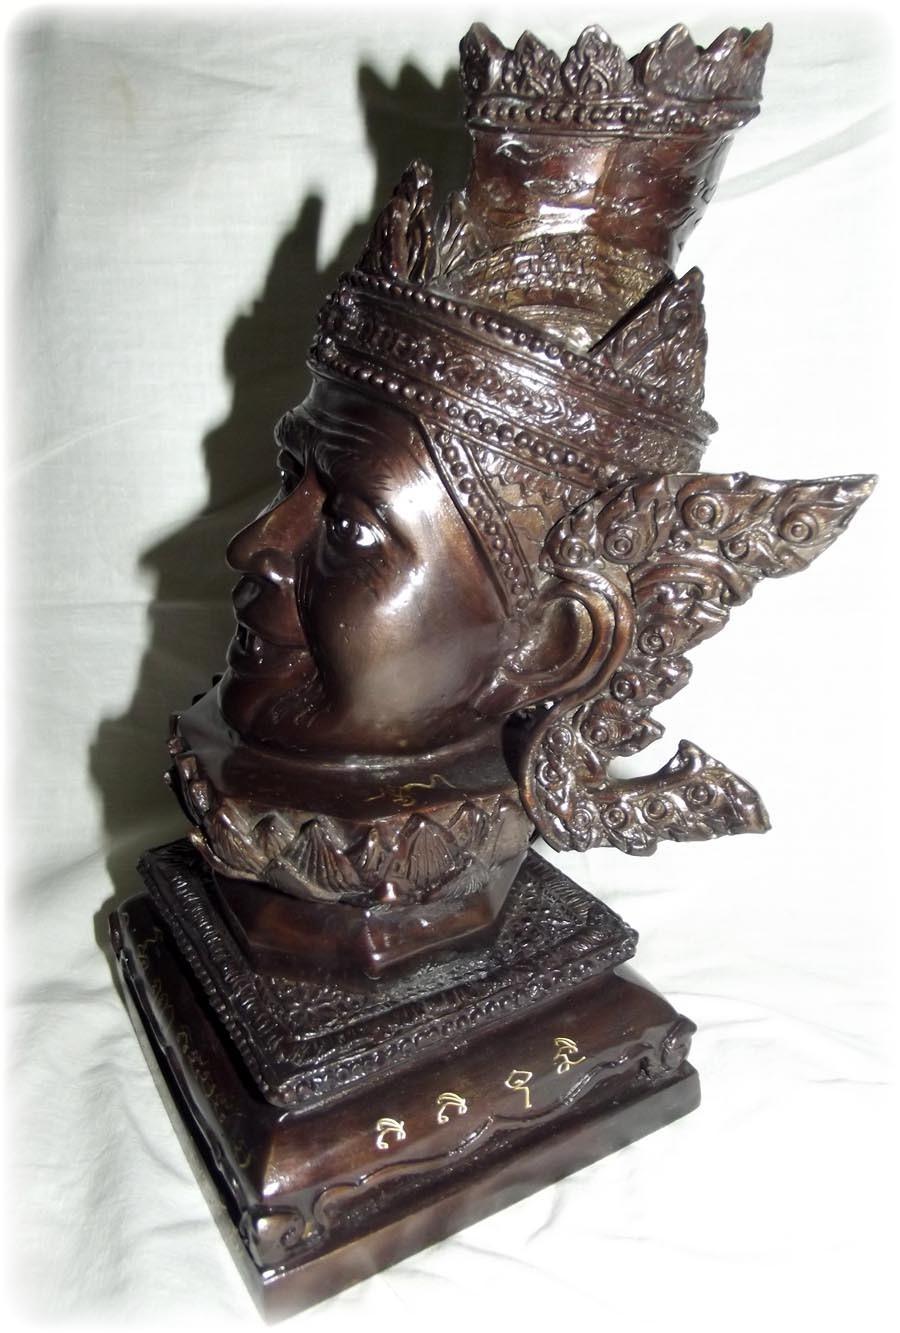 Siran Por Gae Bucha statue by Luang Por Pramote of Wat Khao Changum